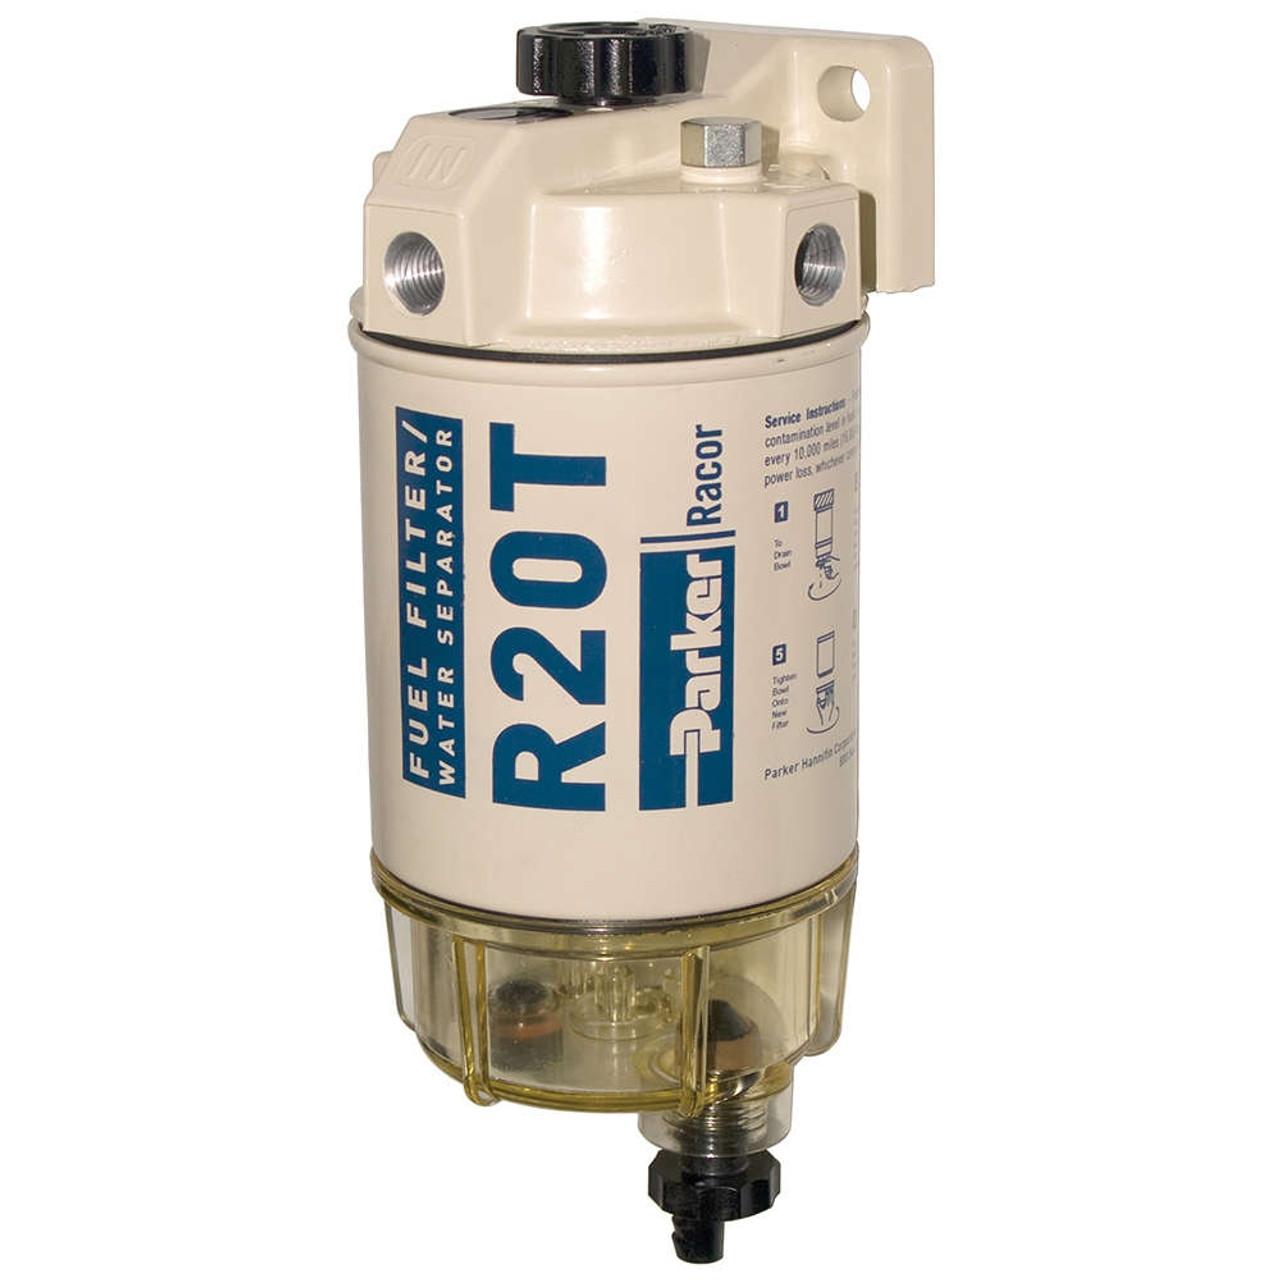 Racor 200 Series 30 GPH Low Flow Diesel Fuel Filter/Water Separator on